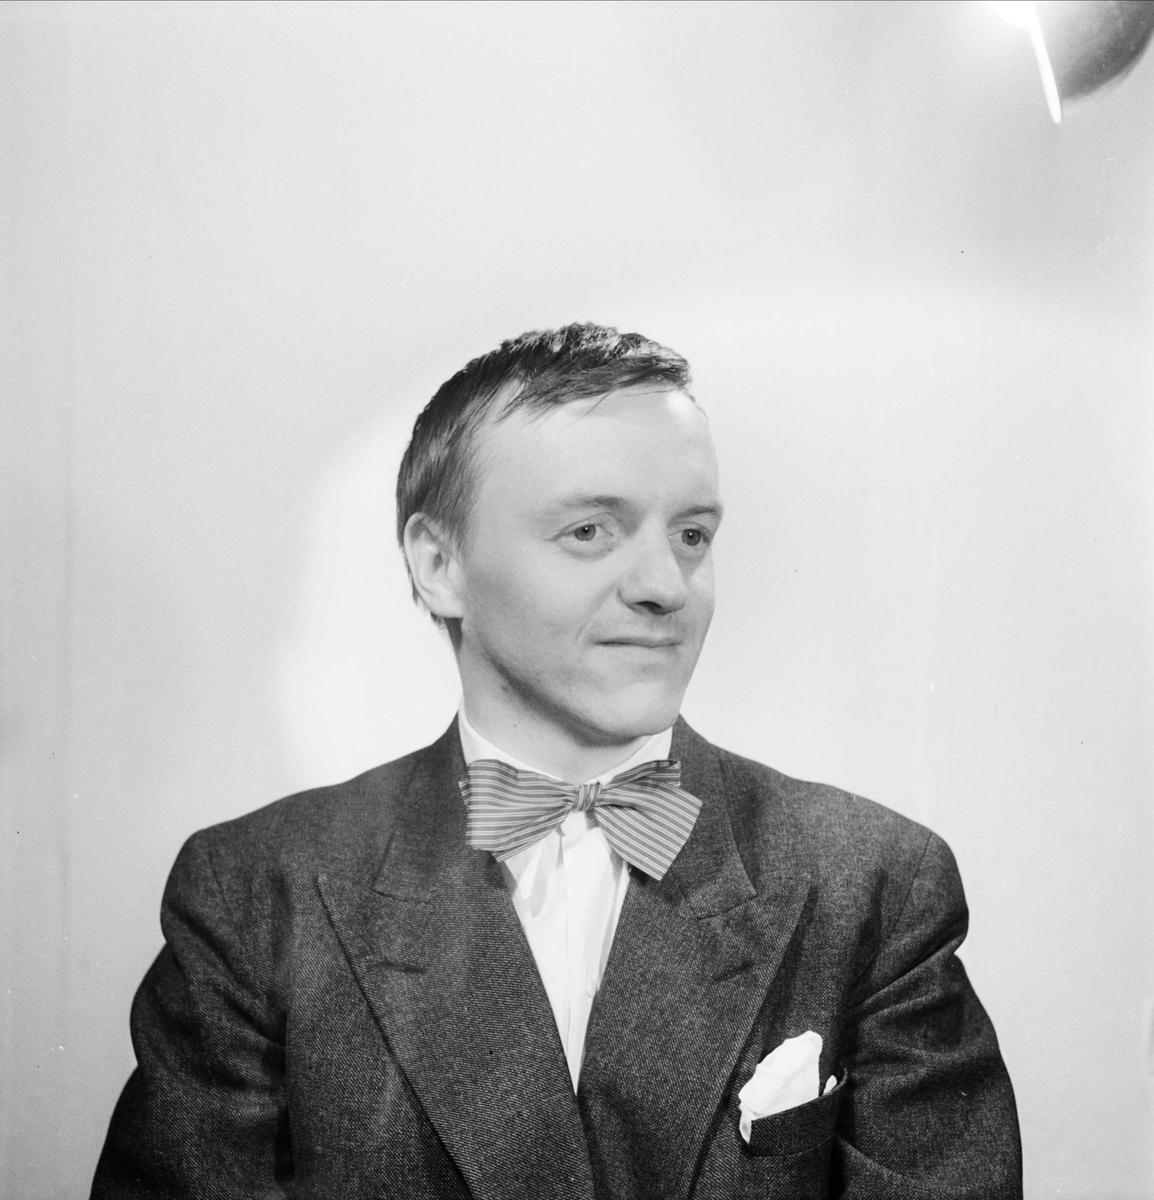 Ateljéporträtt - skådespelaren Jan-Olof Strandberg, 1953